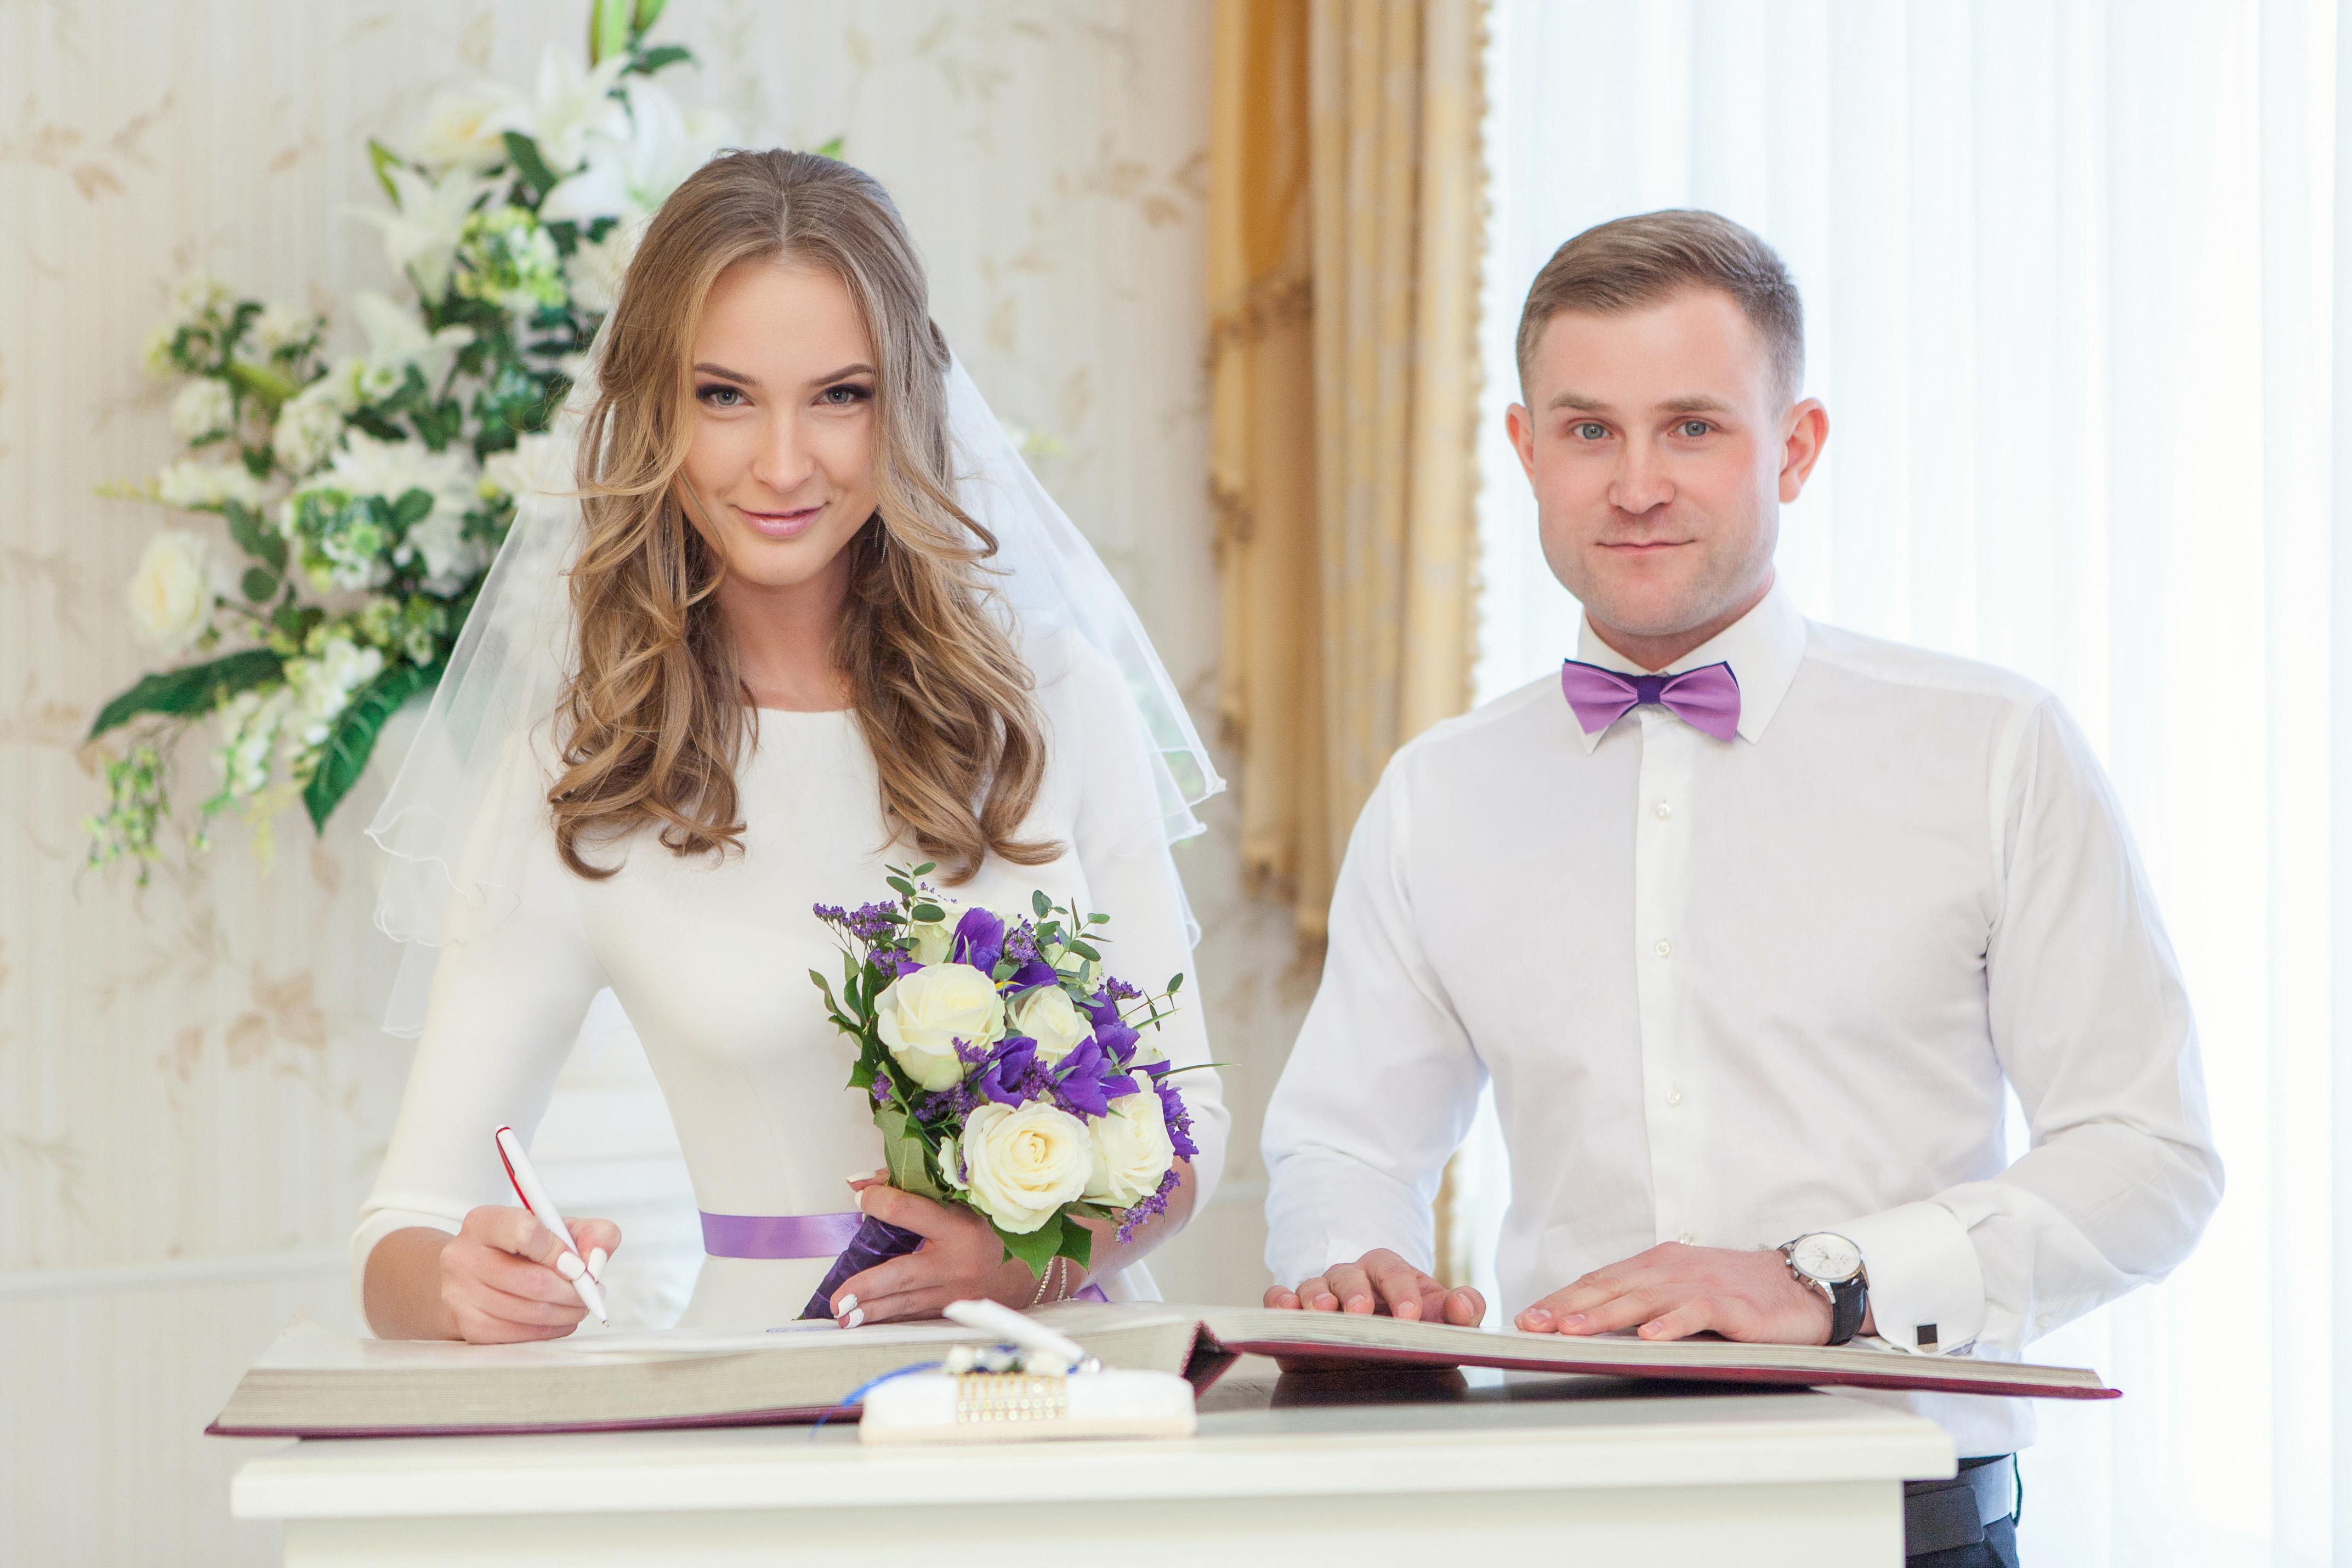 Брак с датчанином, как возможность получить ВНЖ Дании для иностранца